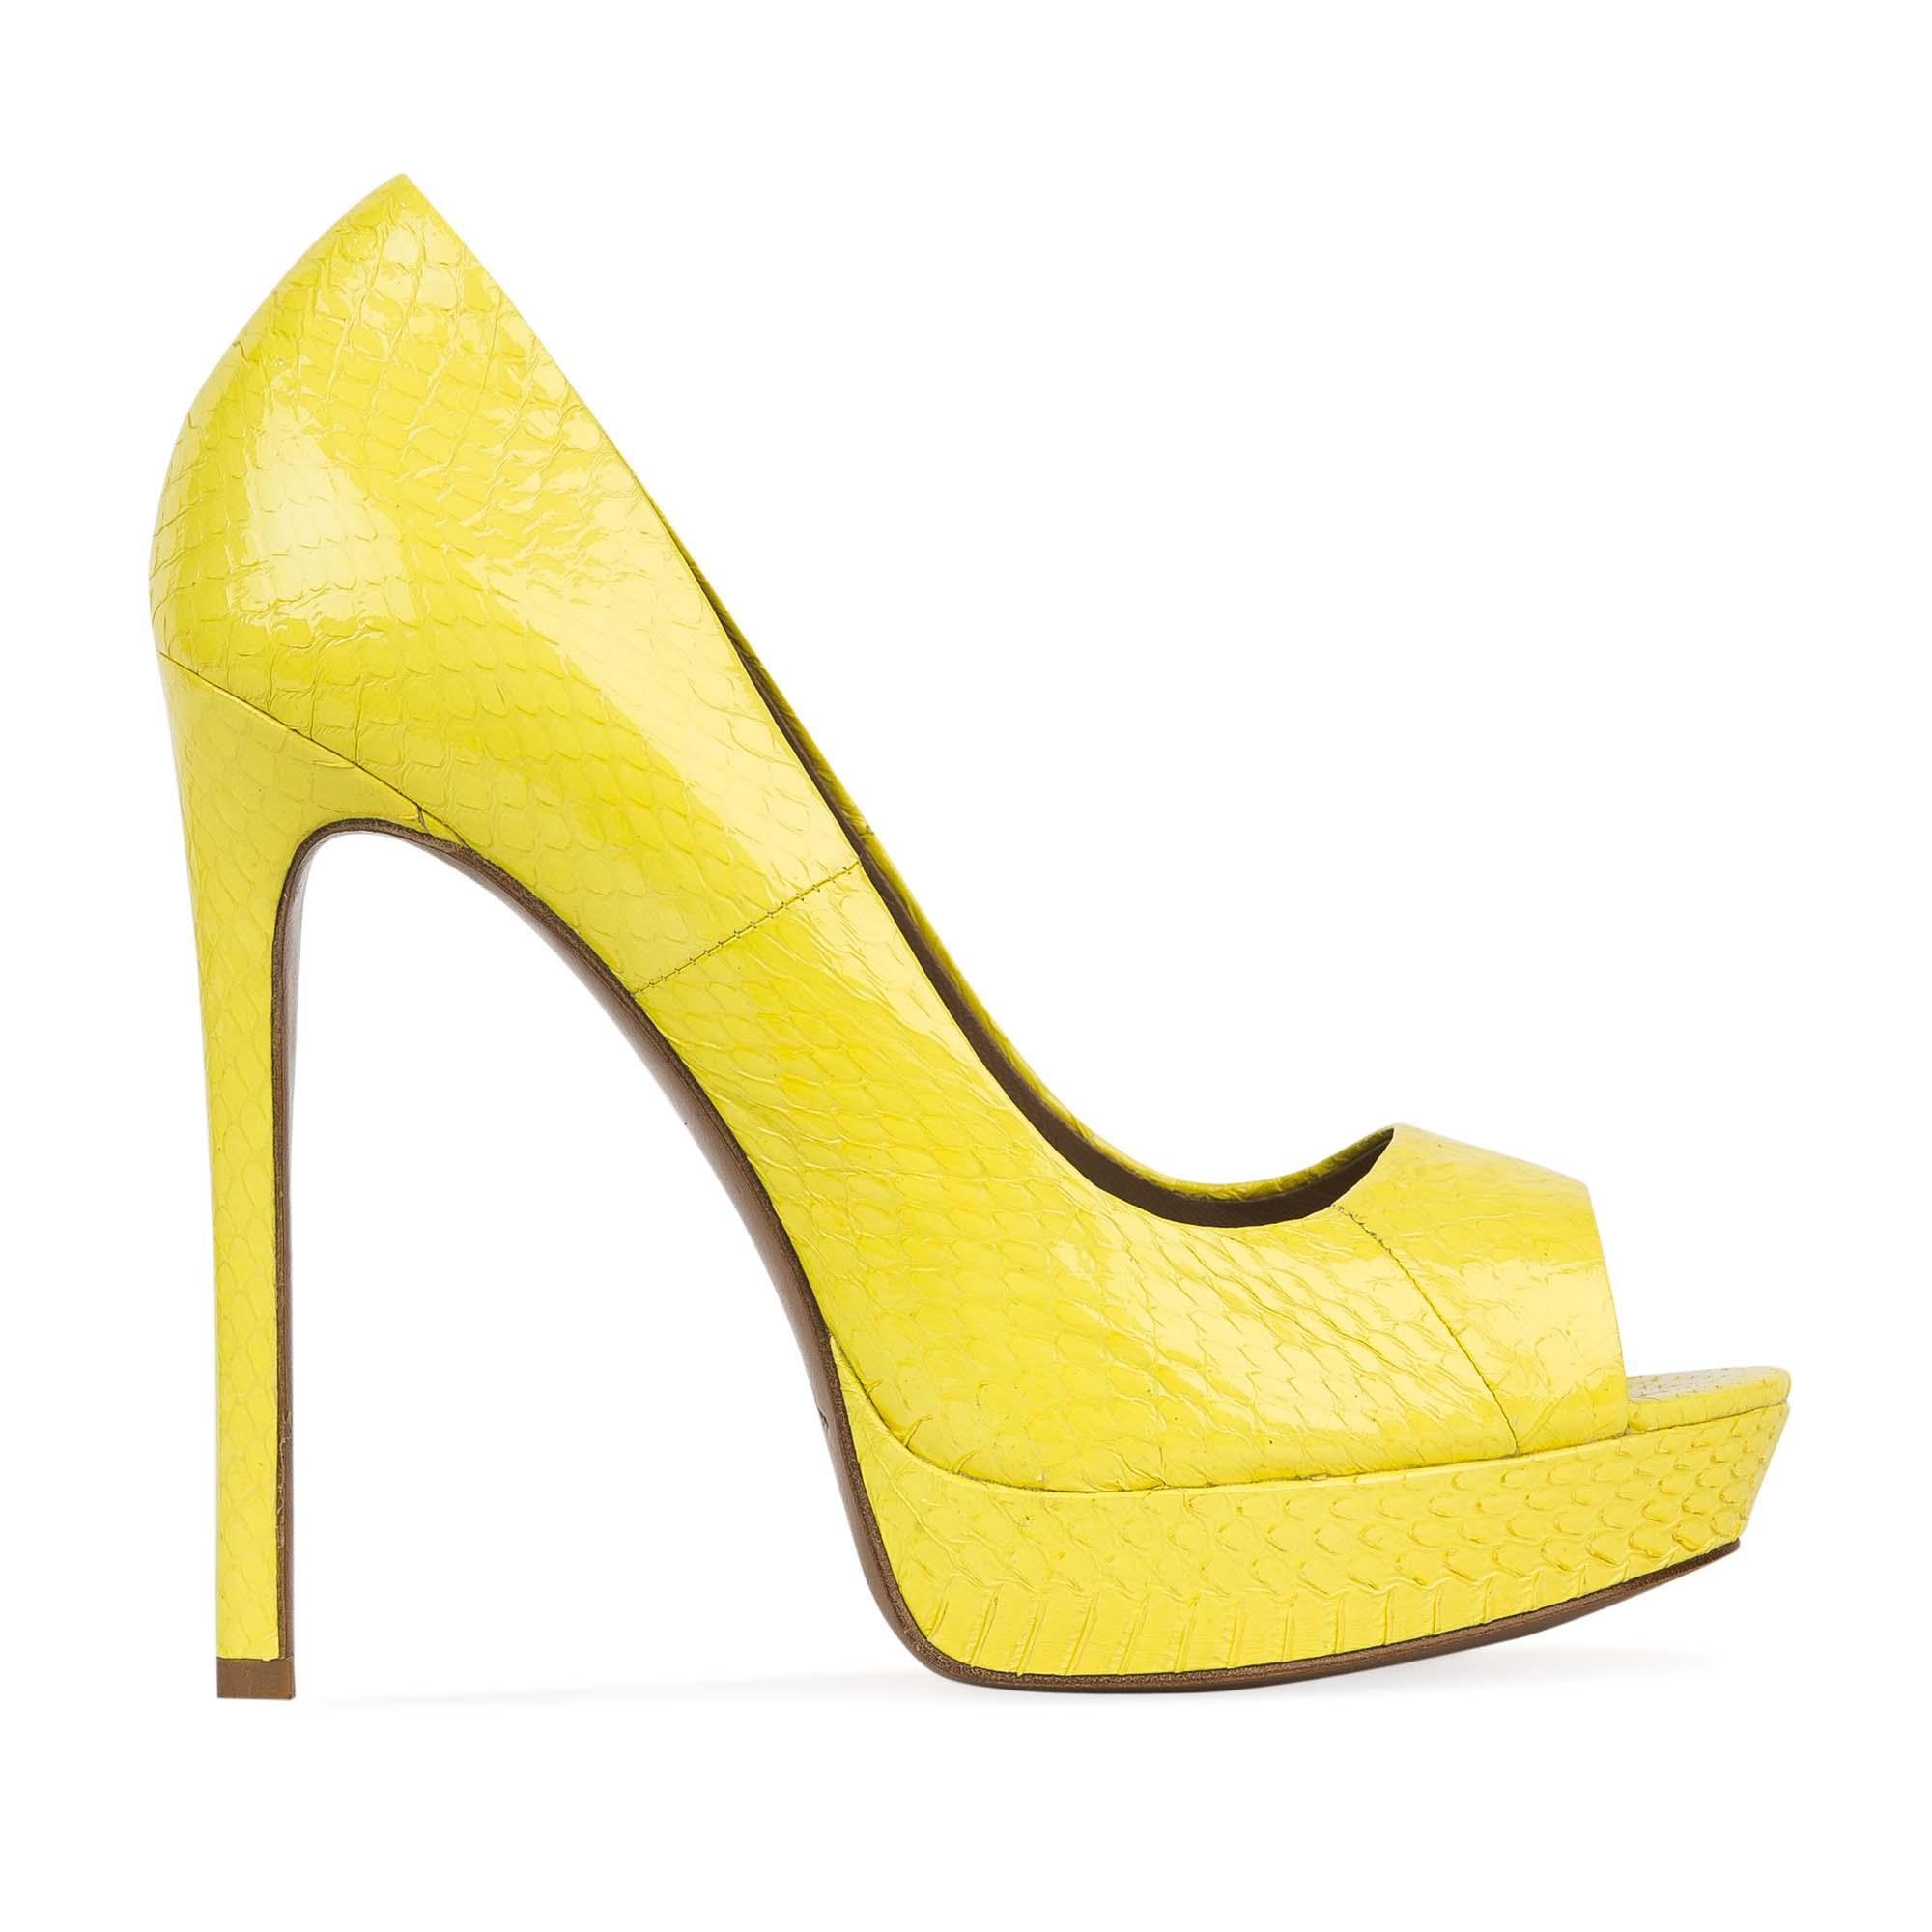 Туфли из лакированной кожи змеи неоново-желтого цветаТуфли женские<br><br>Материал верха: Кожа змеи<br>Материал подкладки: Кожа<br>Материал подошвы: Кожа<br>Цвет: Желтый<br>Высота каблука: 13 см<br>Дизайн: Италия<br>Страна производства: Китай<br><br>Высота каблука: 13 см<br>Материал верха: Кожа змеи<br>Материал подошвы: Кожа<br>Материал подкладки: Кожа<br>Цвет: Желтый<br>Пол: Женский<br>Вес кг: 1.00000000<br>Выберите размер обуви: 37.5